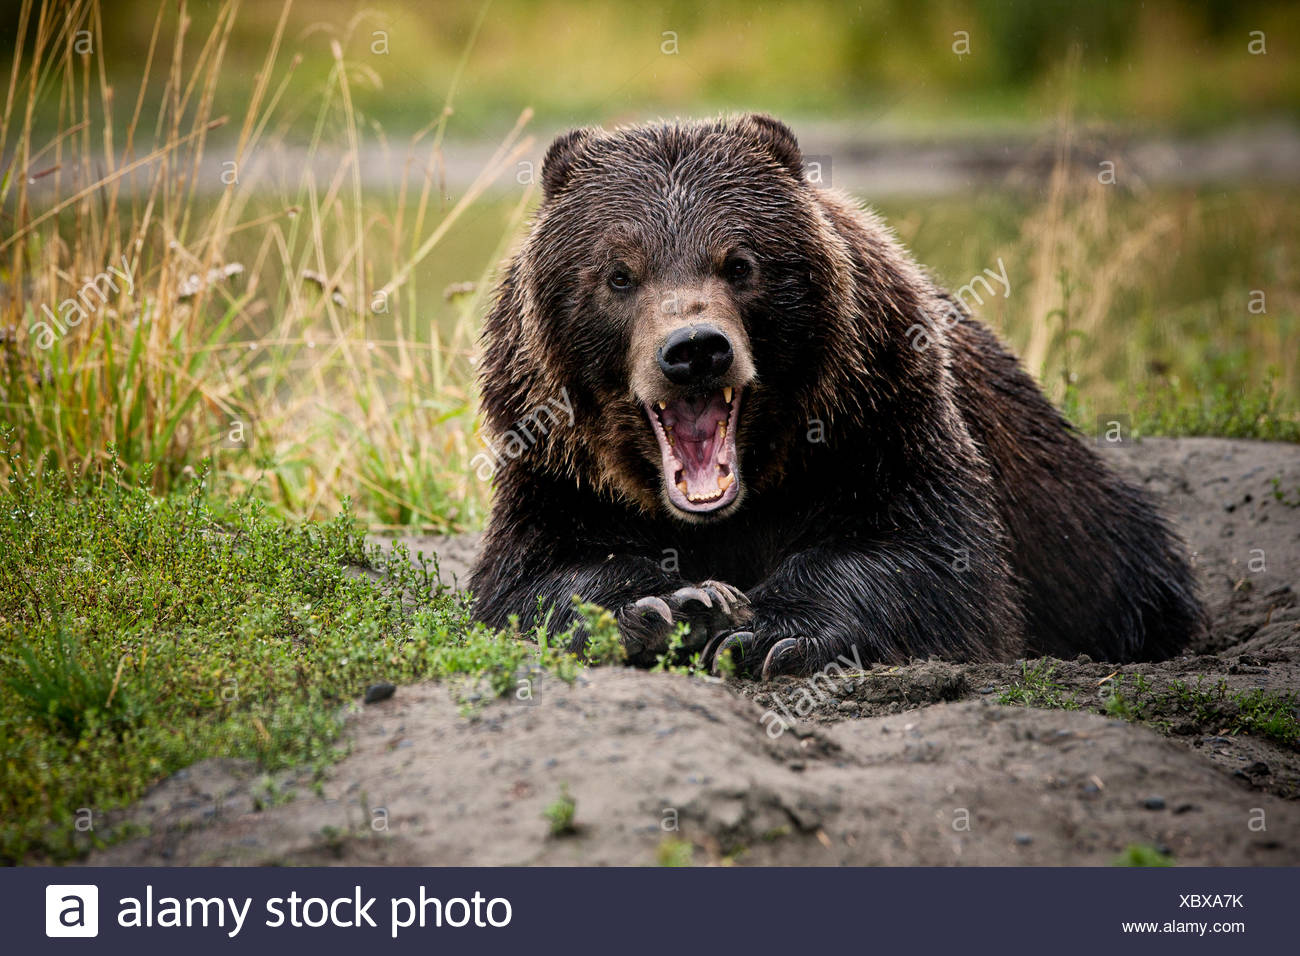 Orso grizzly (Ursus arctos horribilis) con ampia apertura delle ganasce, minaccioso gesto, Valdez, Alaska, Stati Uniti Immagini Stock